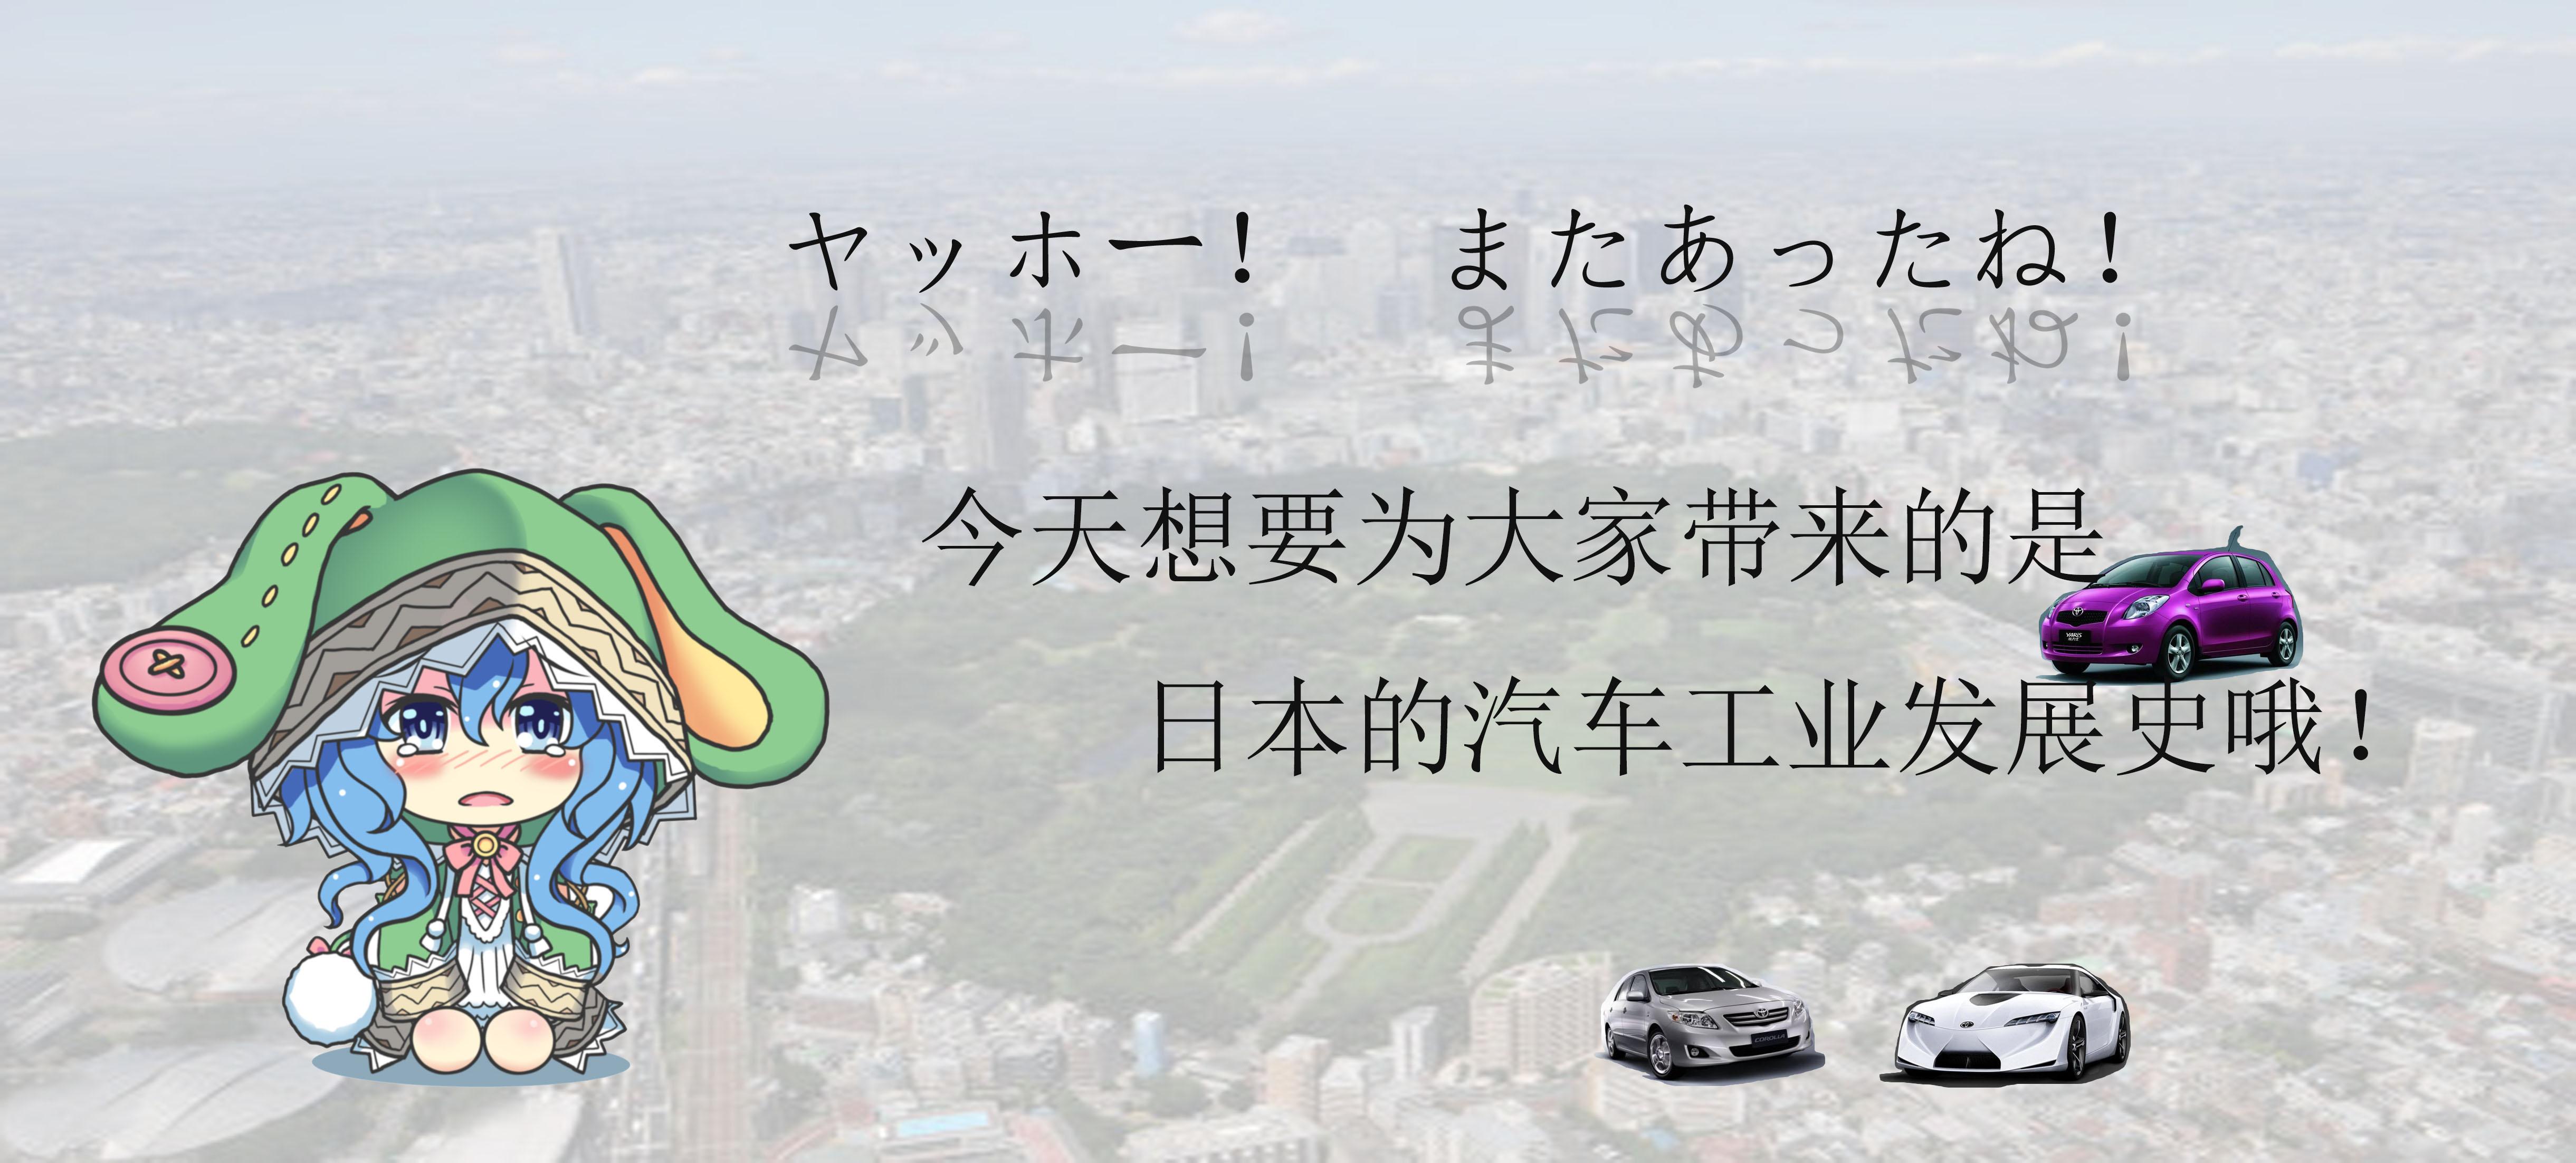 日本经济--日本汽车工业发展史(一)